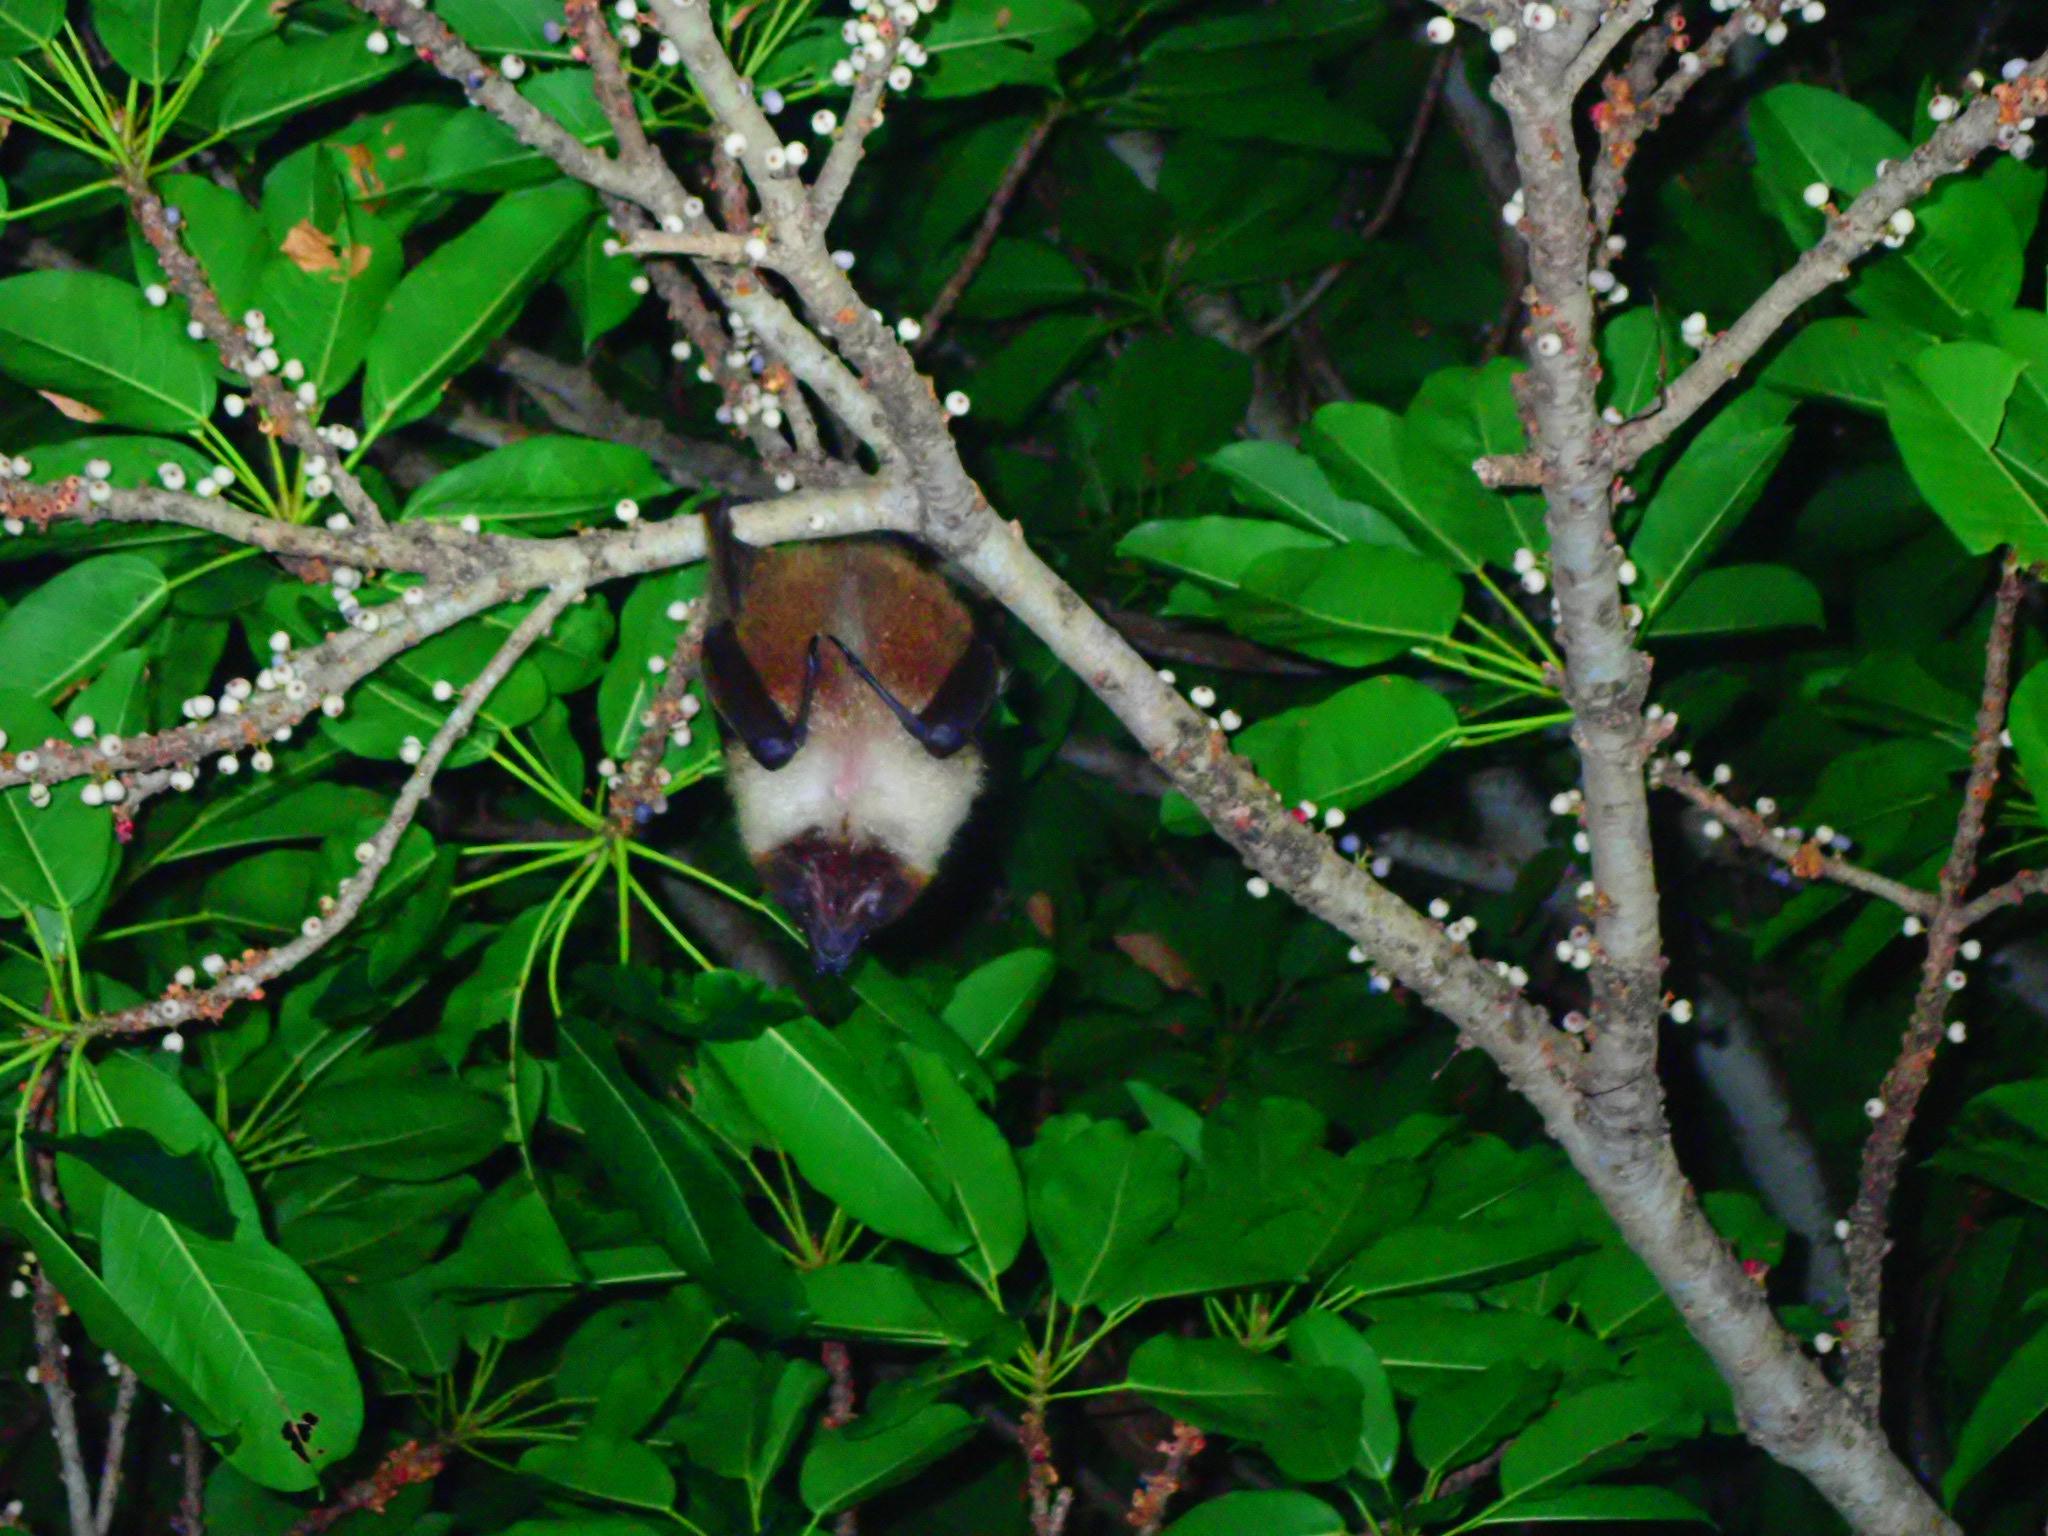 石垣島に生息するリュウキュウオオコウモリ